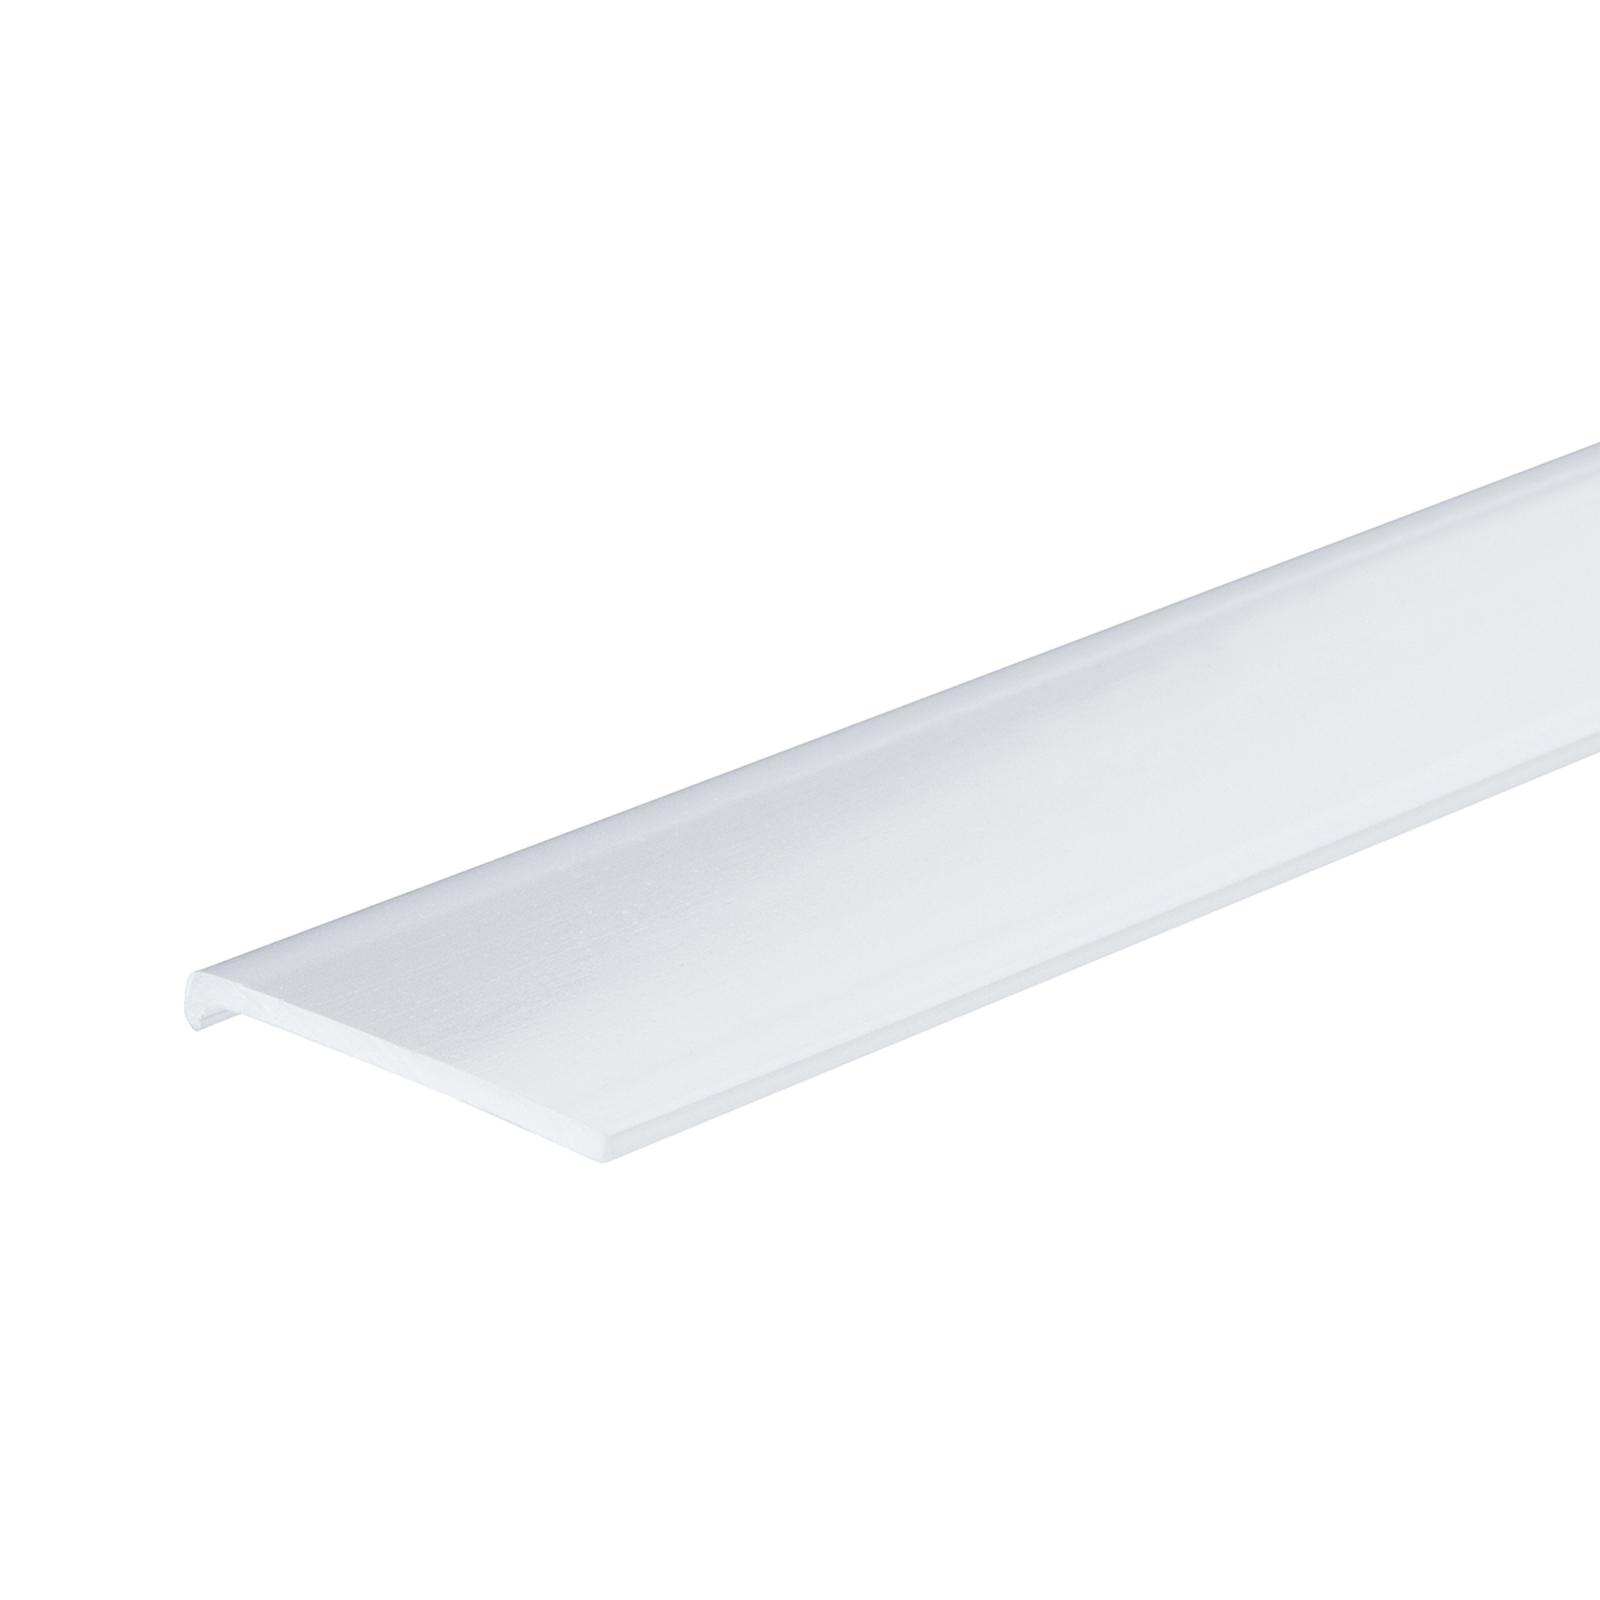 Diffusore Duo 2 m per sistema di strip LED Illuminazione per interni